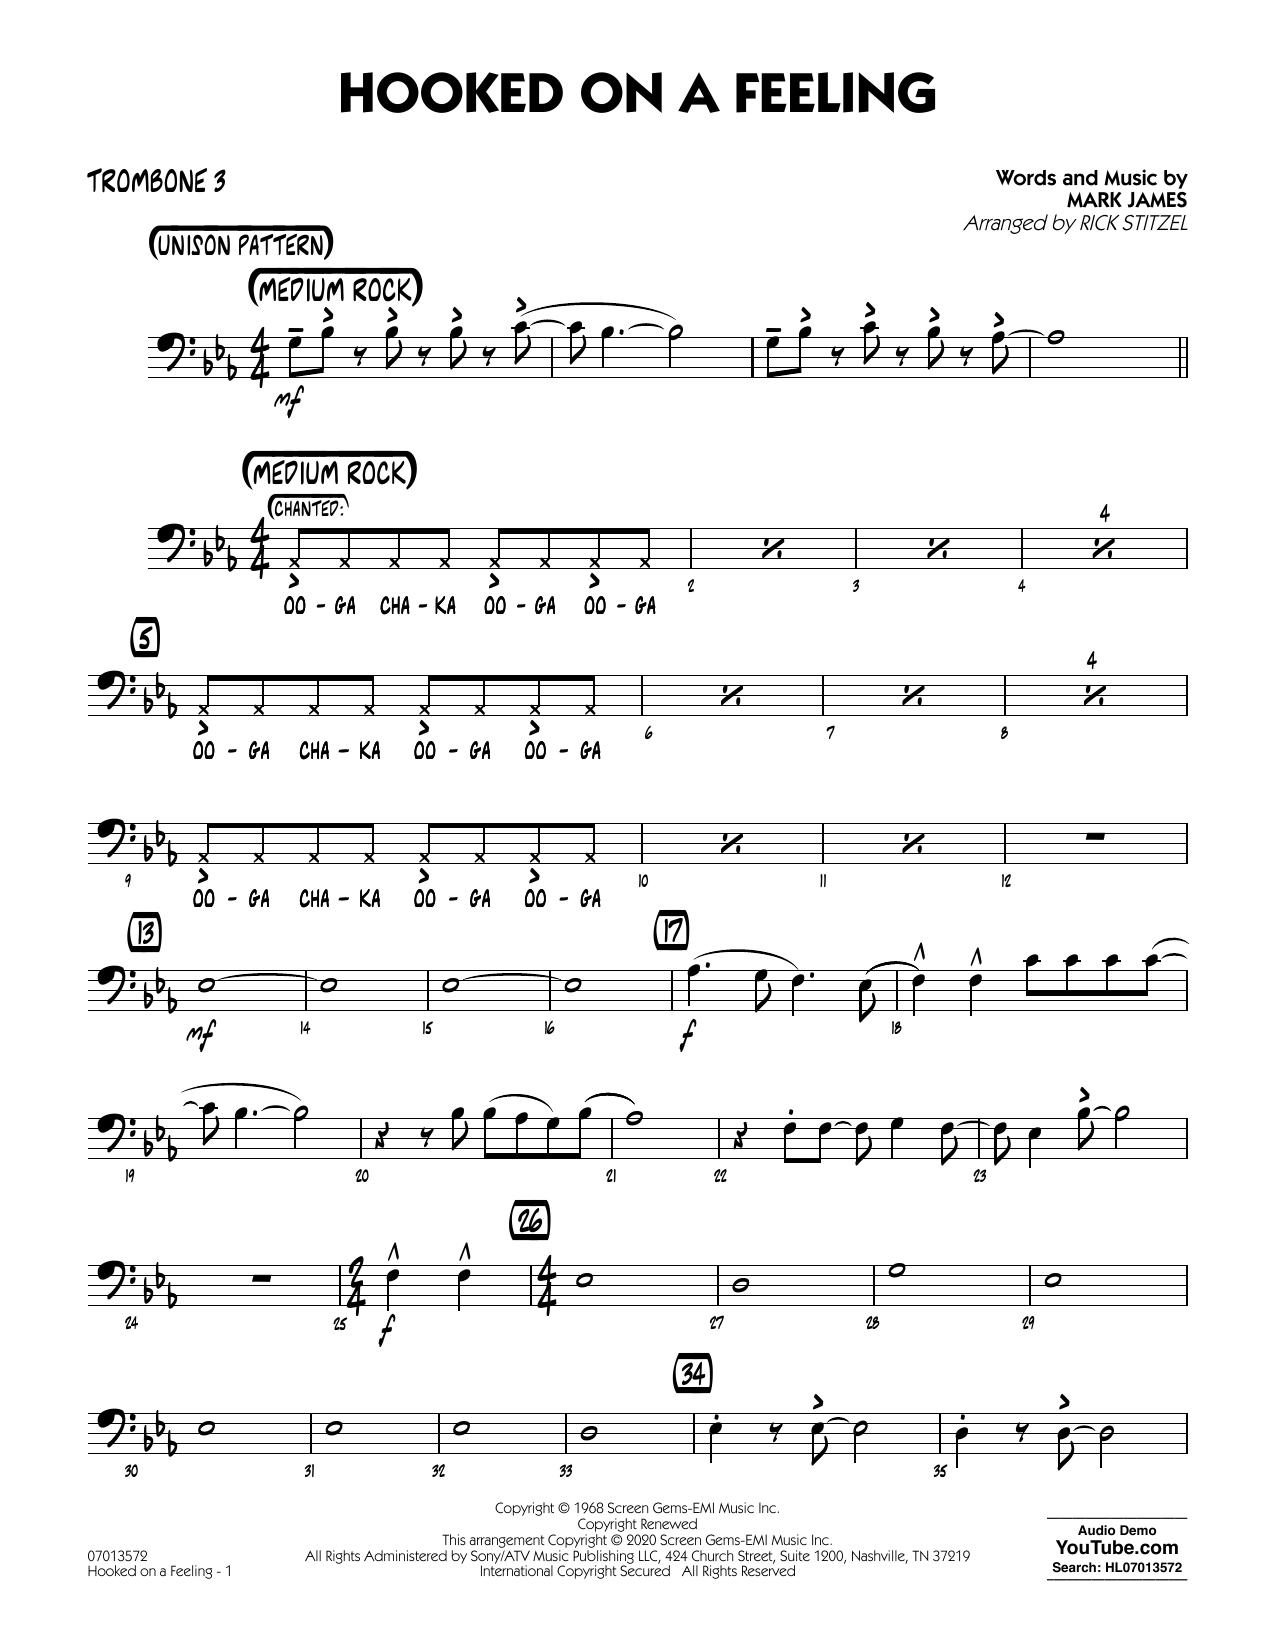 Hooked On A Feeling (arr. Rick Stitzel) - Trombone 3 (Jazz Ensemble)